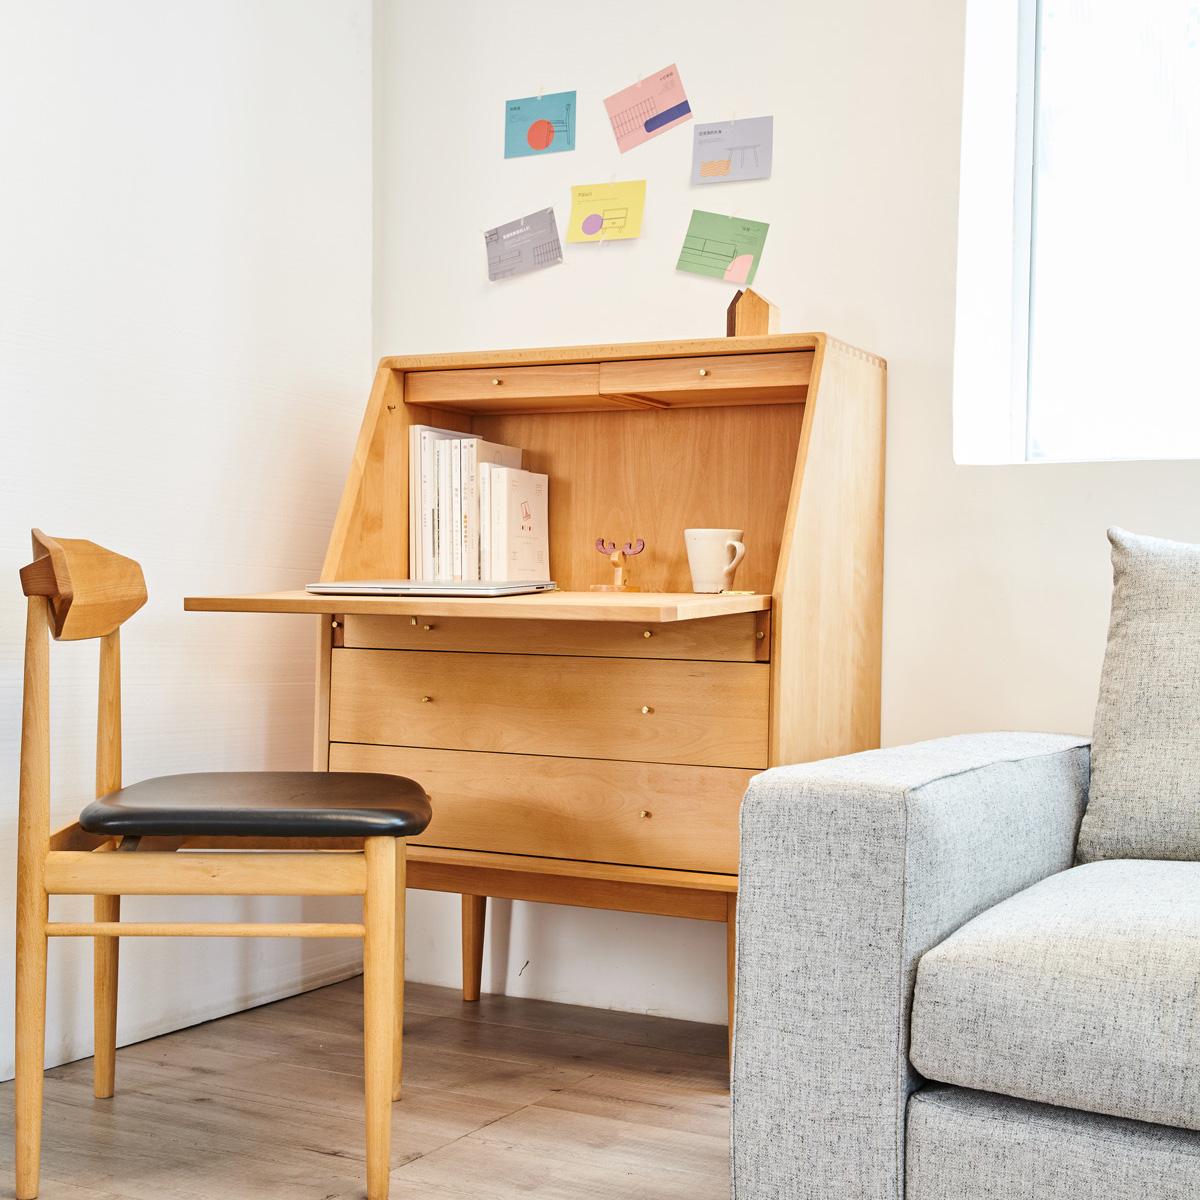 及木家具 北欧简约设计 中古 秘书柜 榉木 黑胡桃实木书桌柜DG027